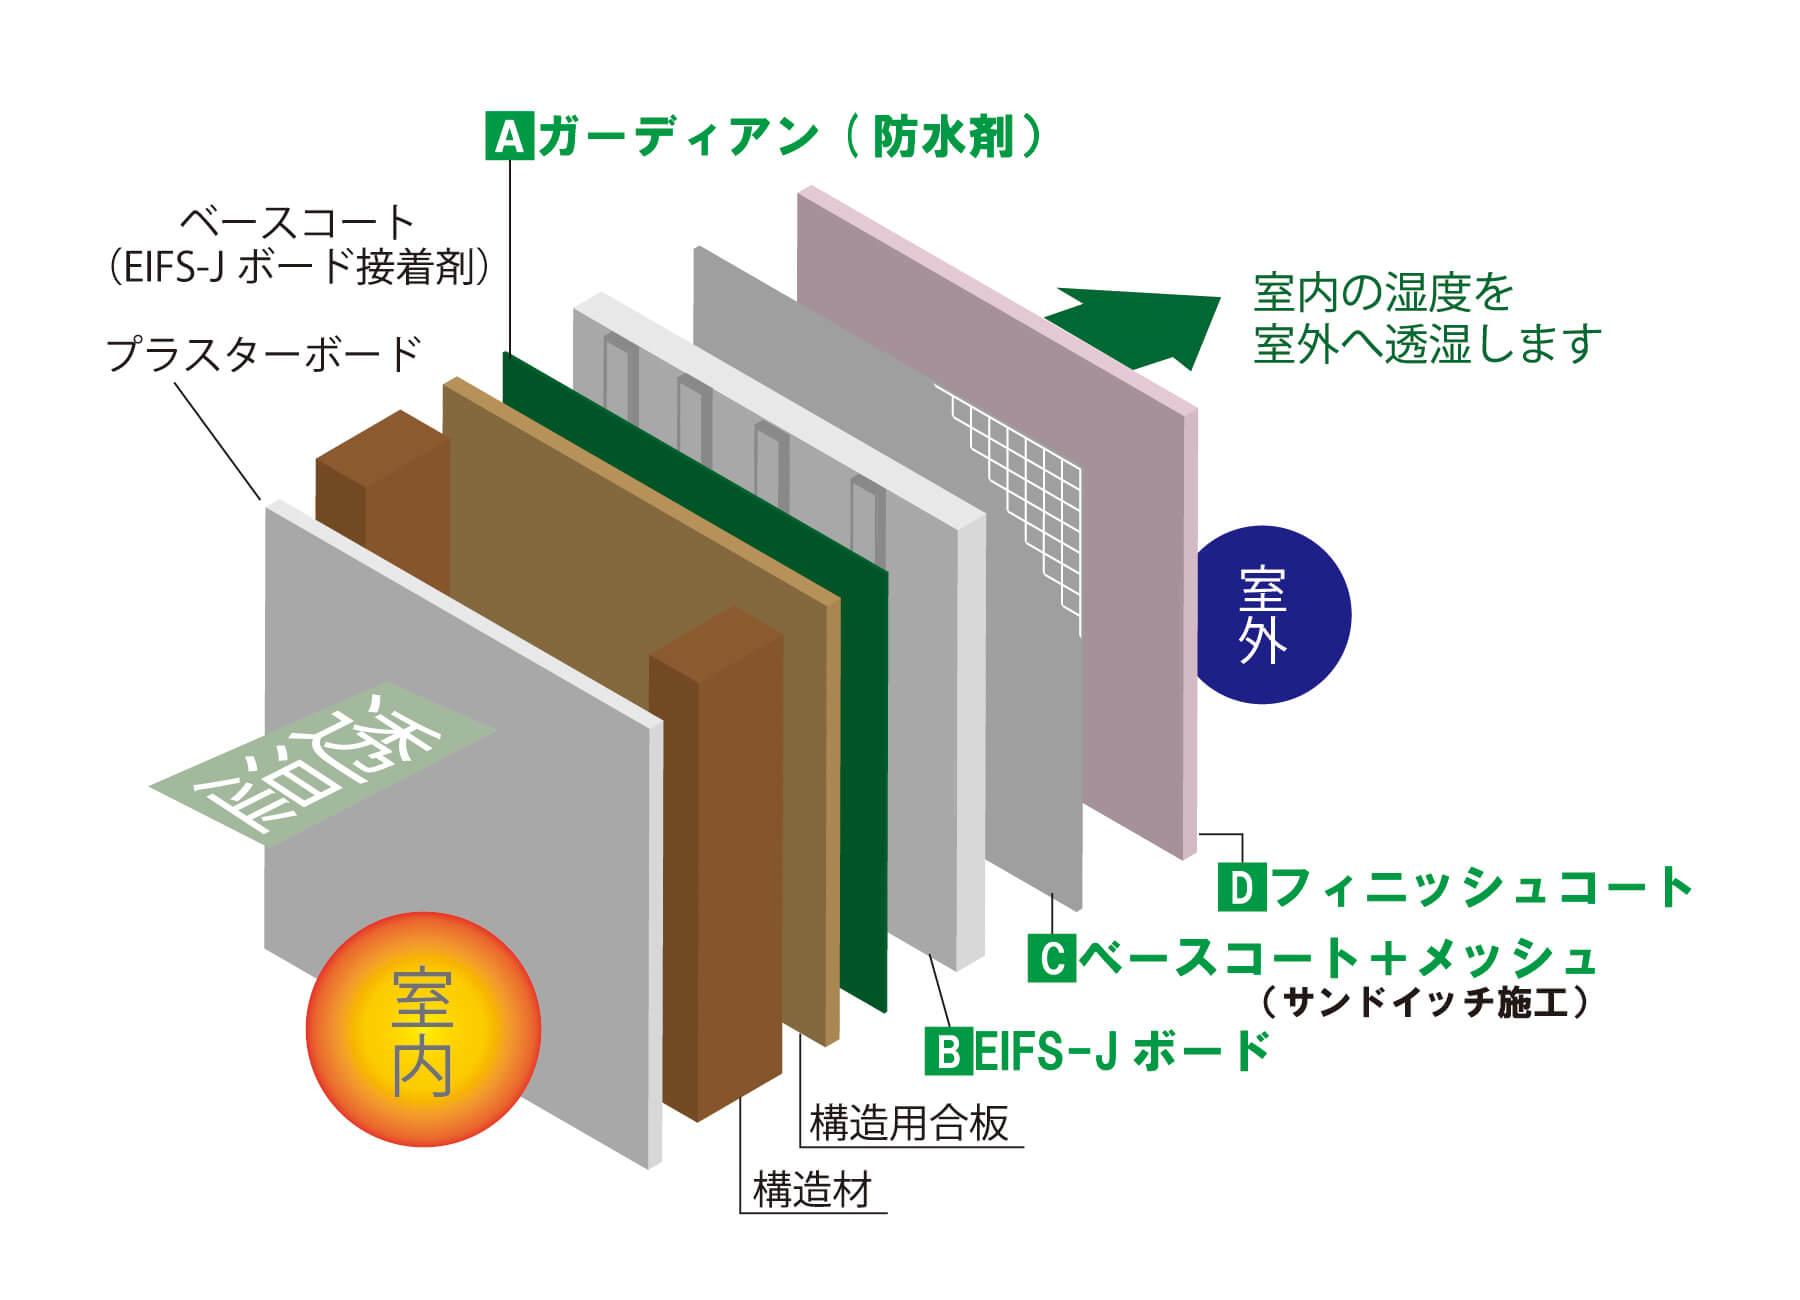 EIFS-Gの仕組みを表す図